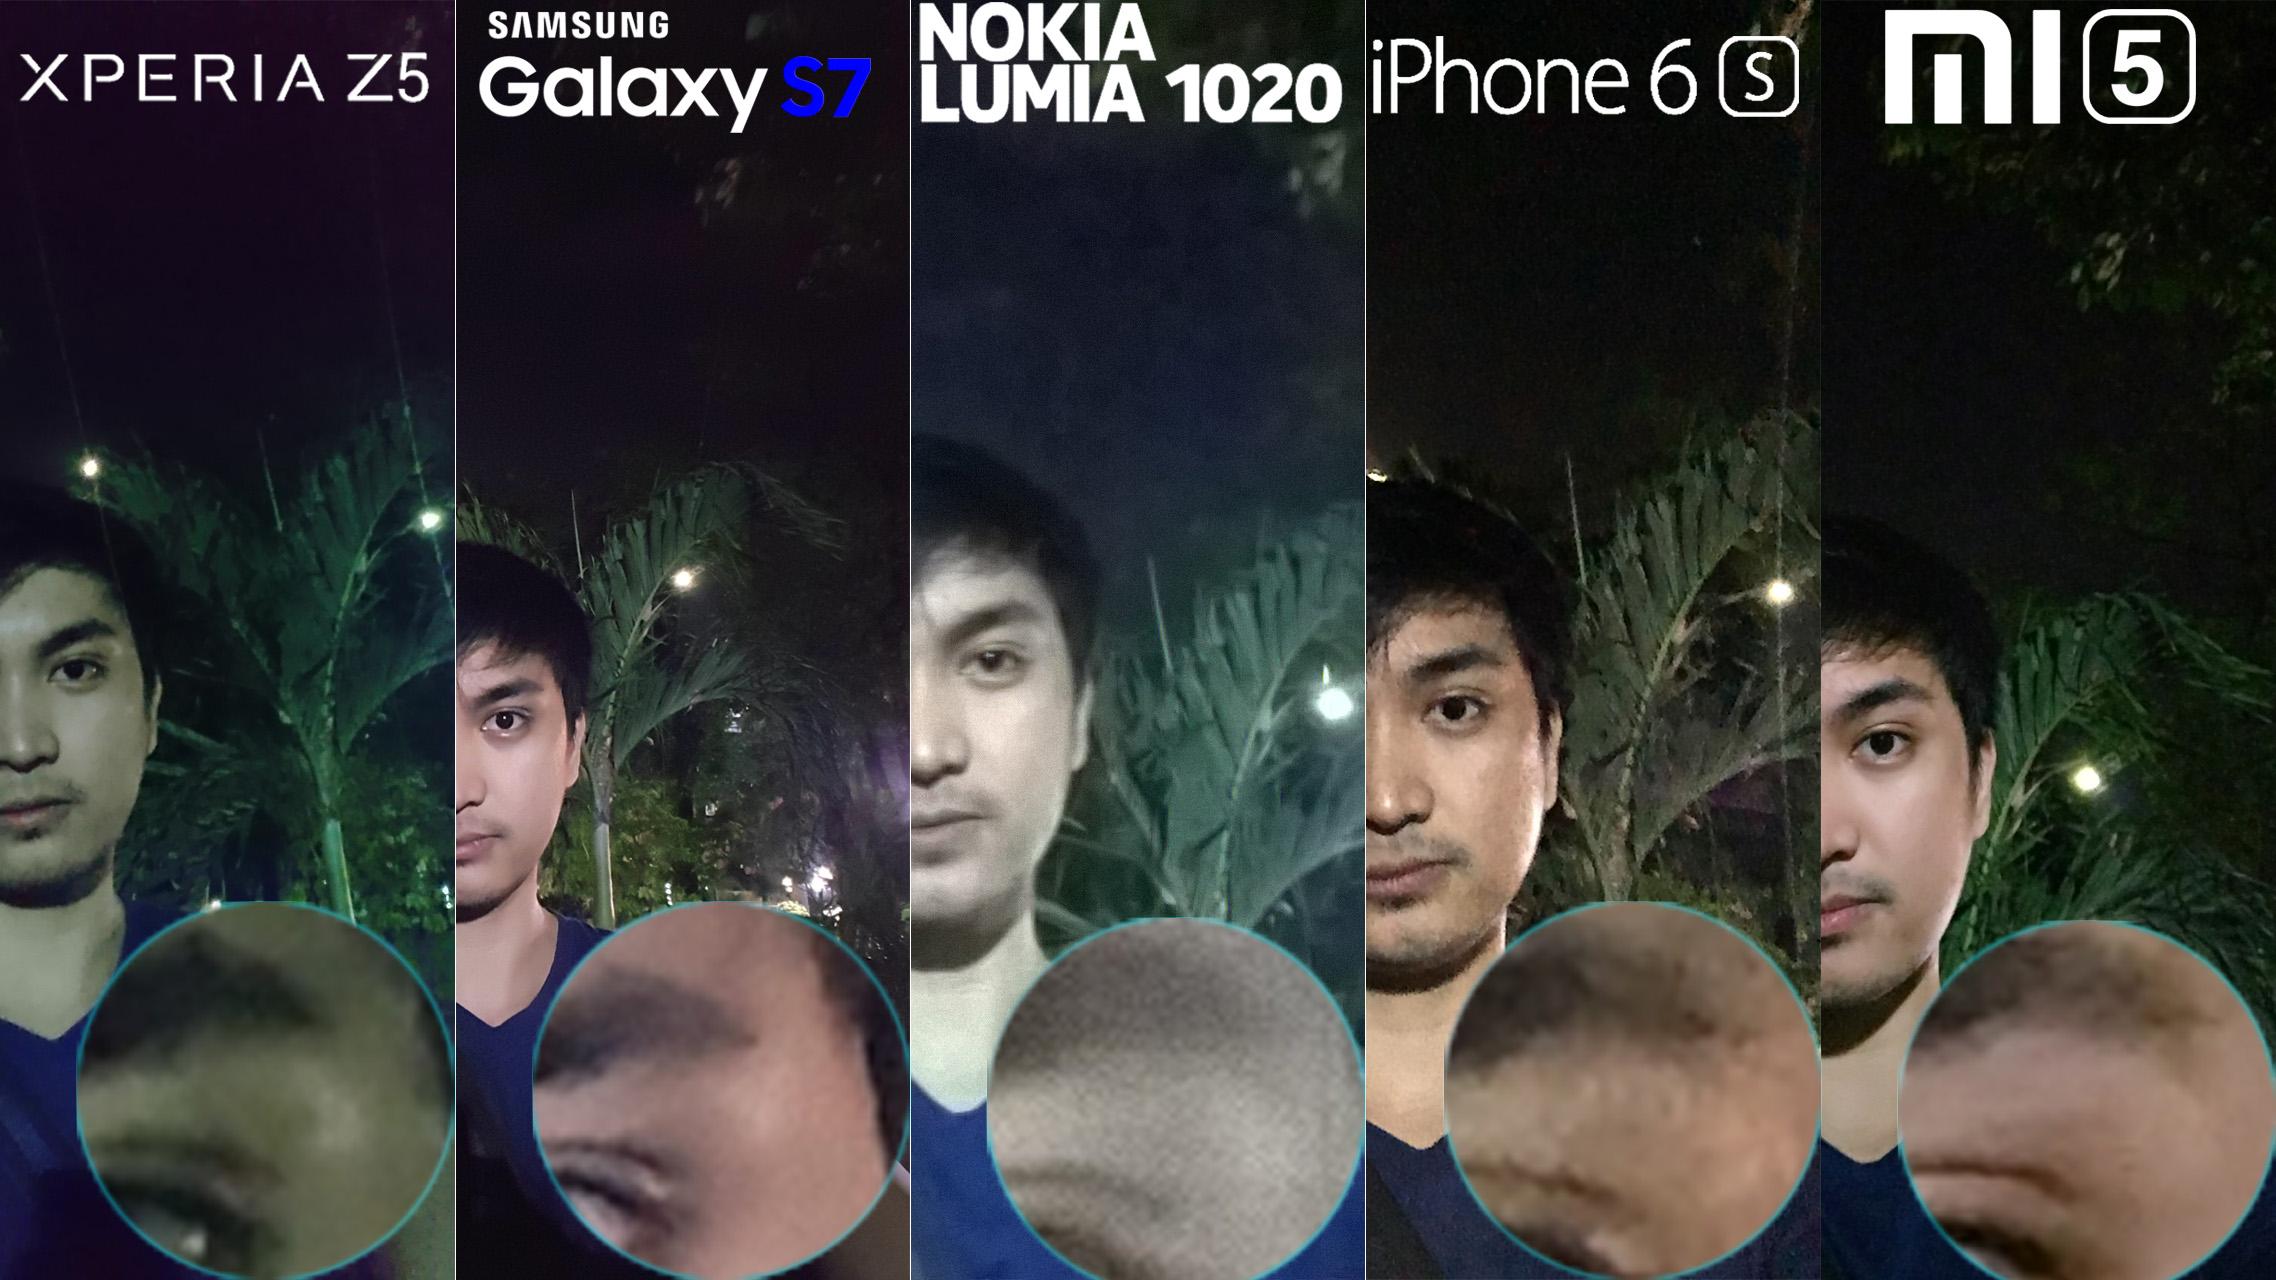 Galaxy S7 Xperia Z5 Lumia 1020 iphone 6s Xiaomi Mi 5 Camera Review Comaprison 12